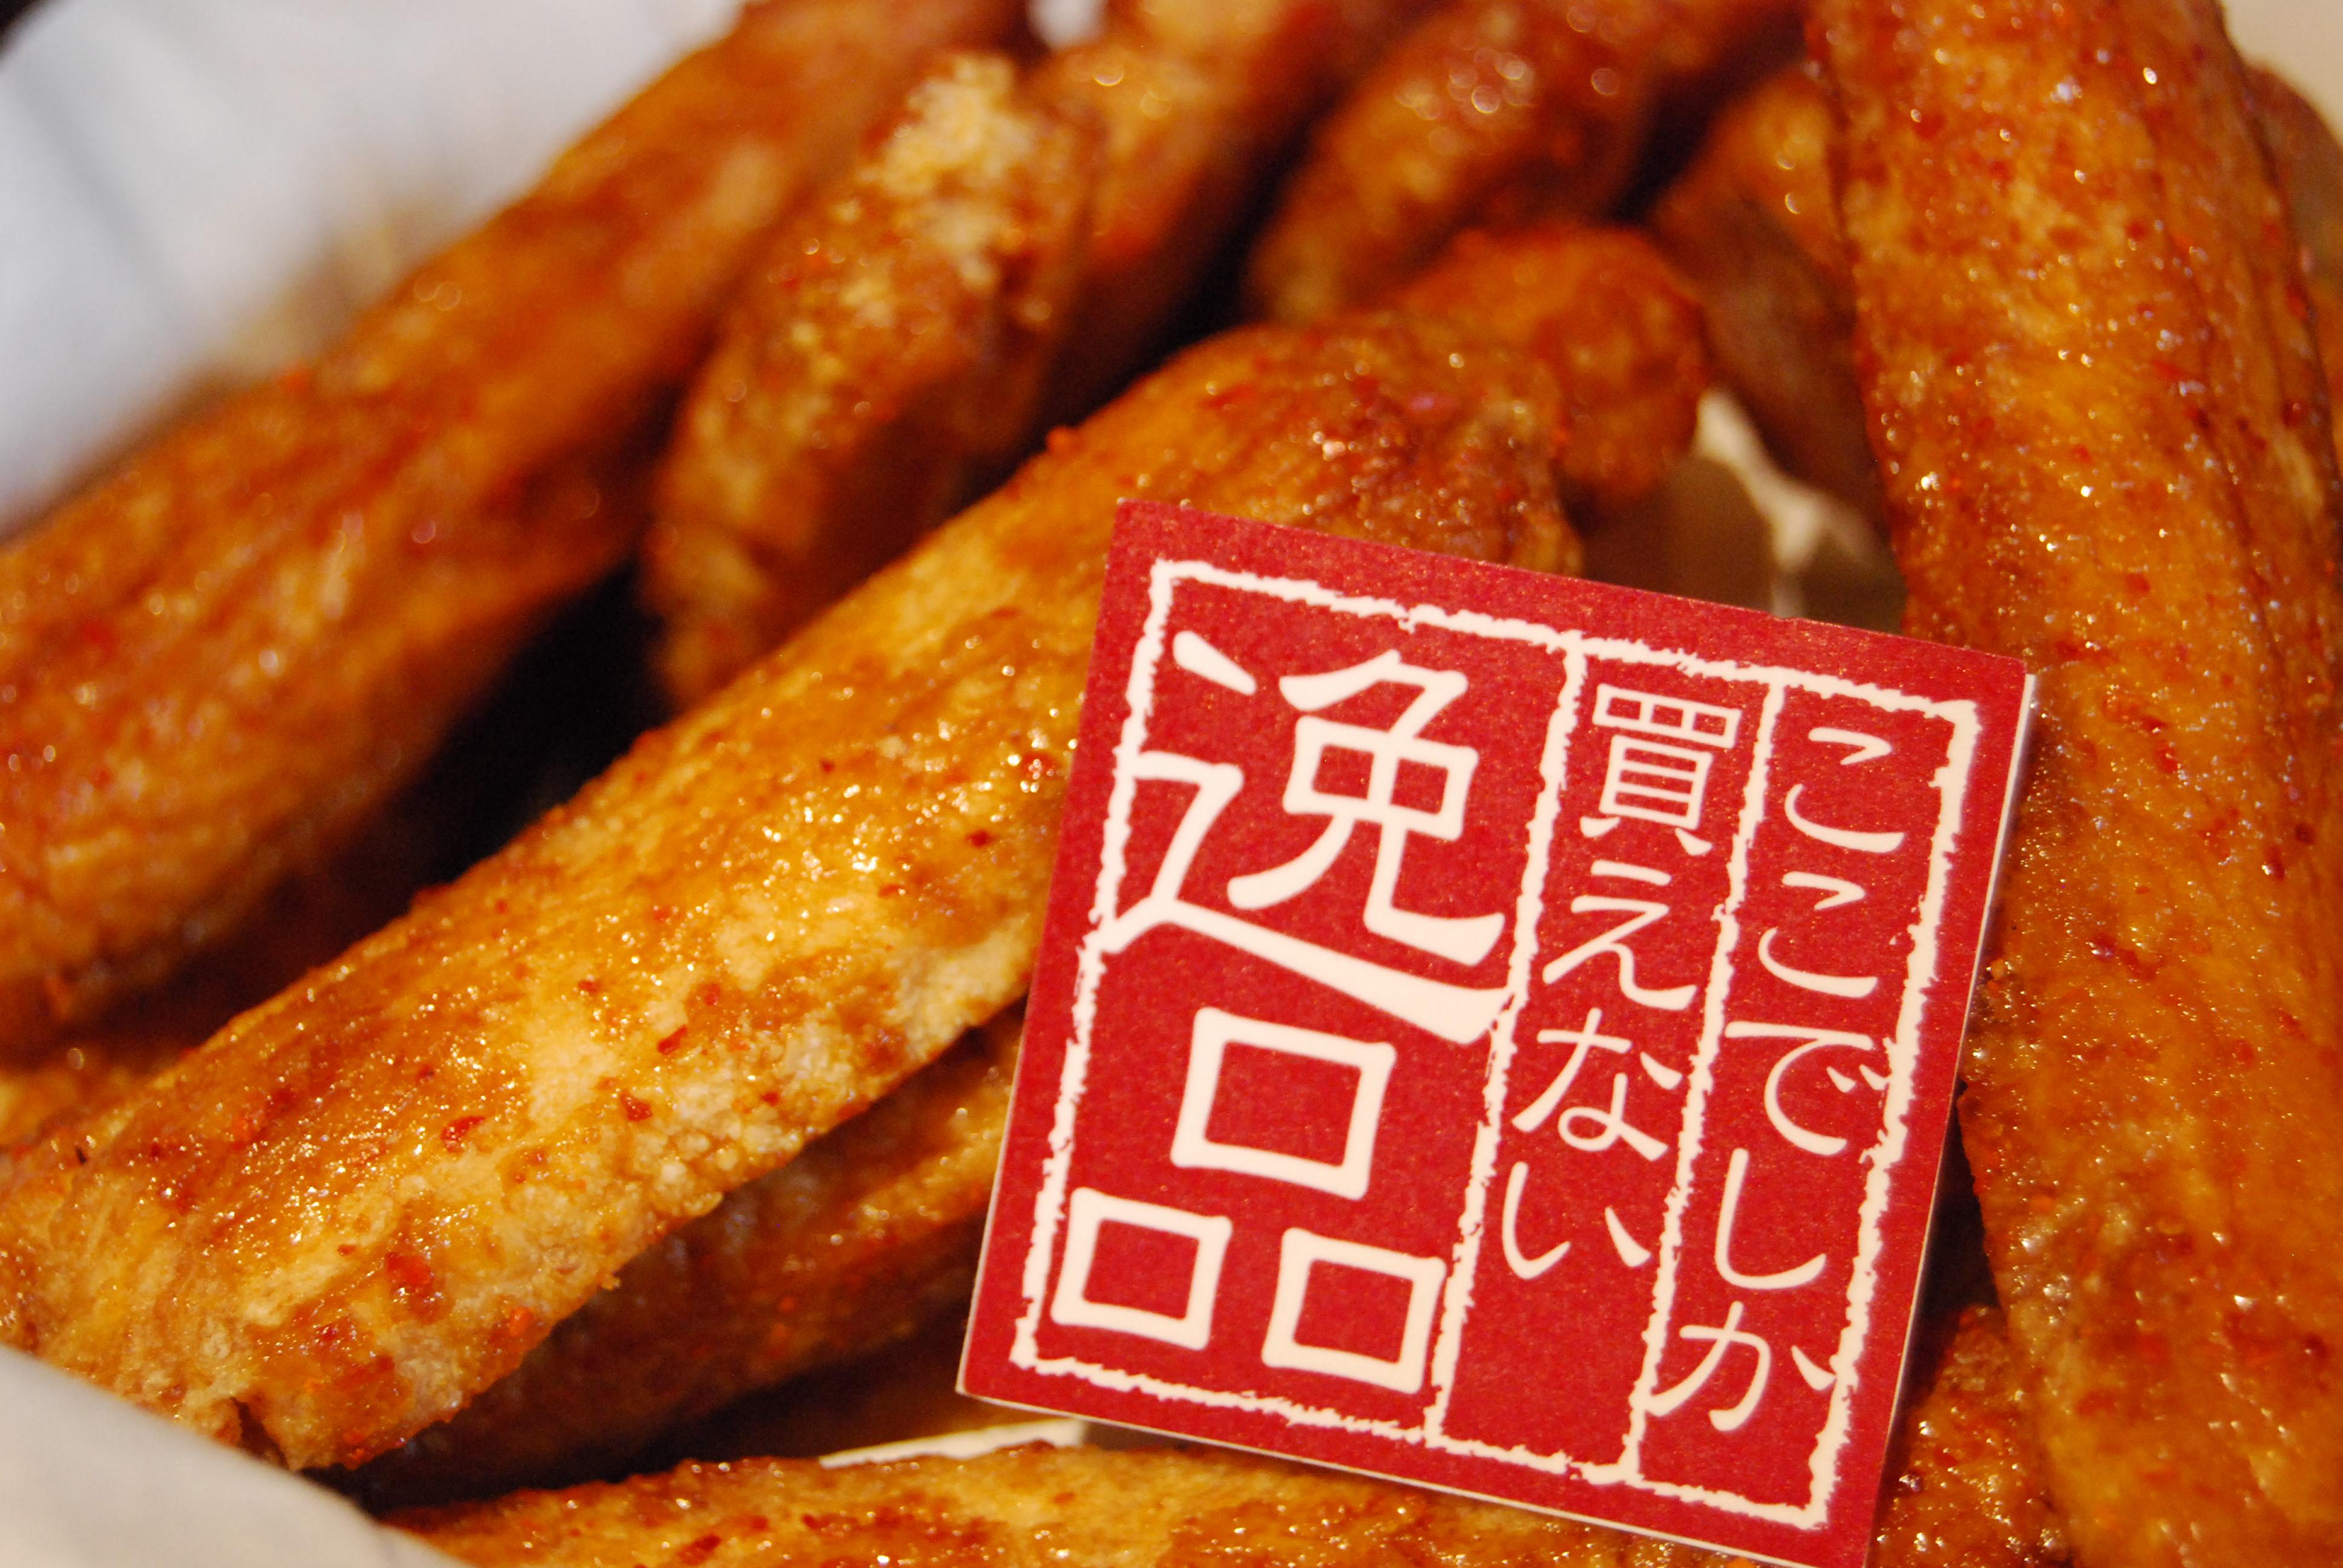 【驚きの食感!!】暴れん棒5袋入り(おいしい手焼き・手作りせんべい)